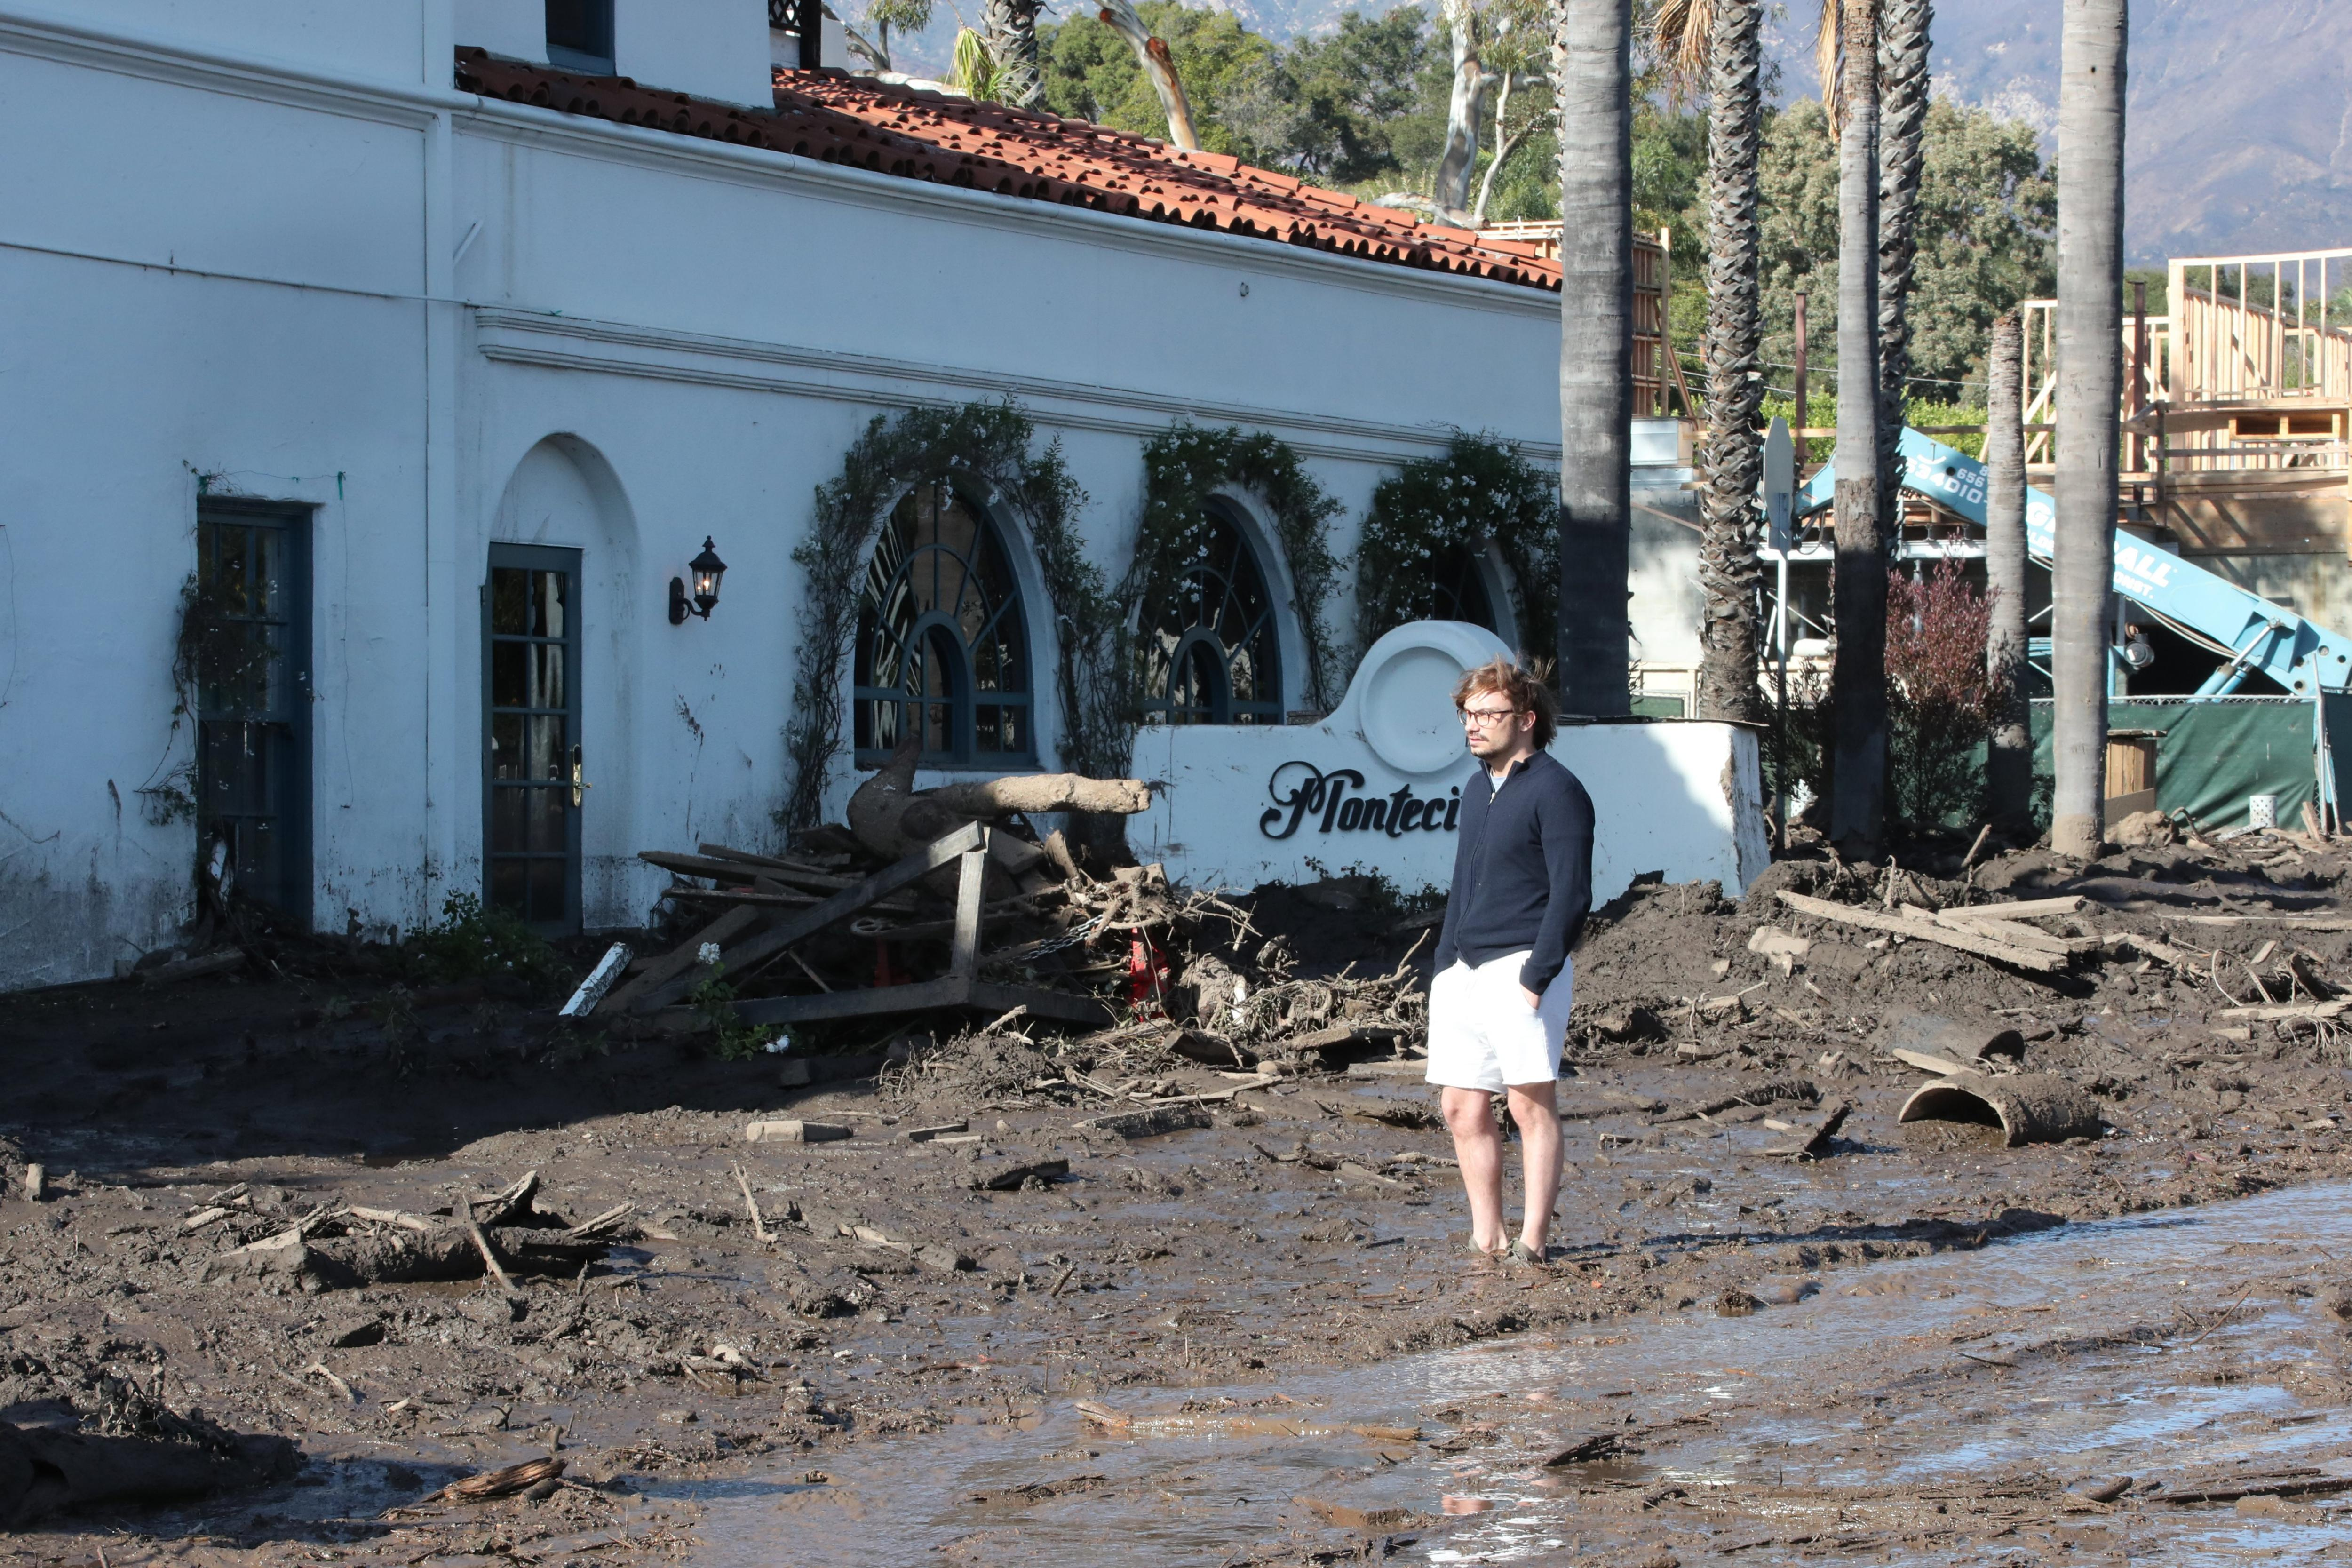 Un home observa els danys després de les fortes pluges que han causat esllavissades mortals a Califòrnia, als Estats Units. /MIKE NELSON